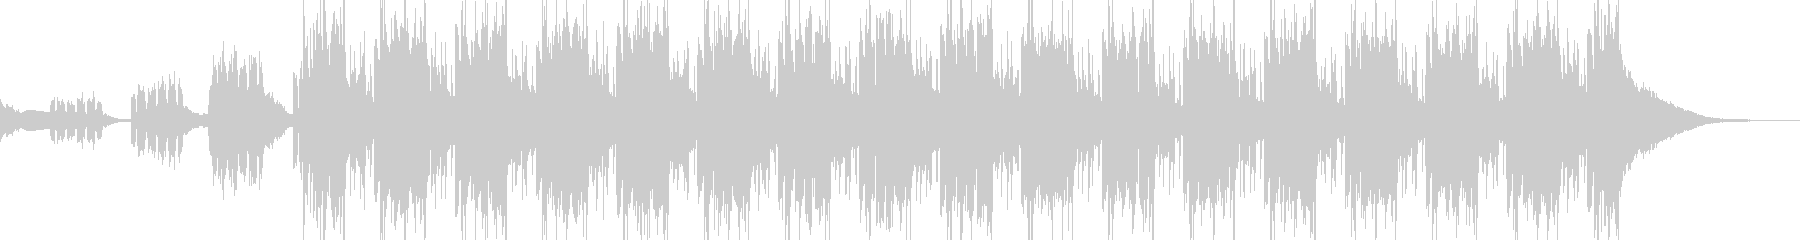 Glitch Hop 動画のEDイメージの未再生の波形